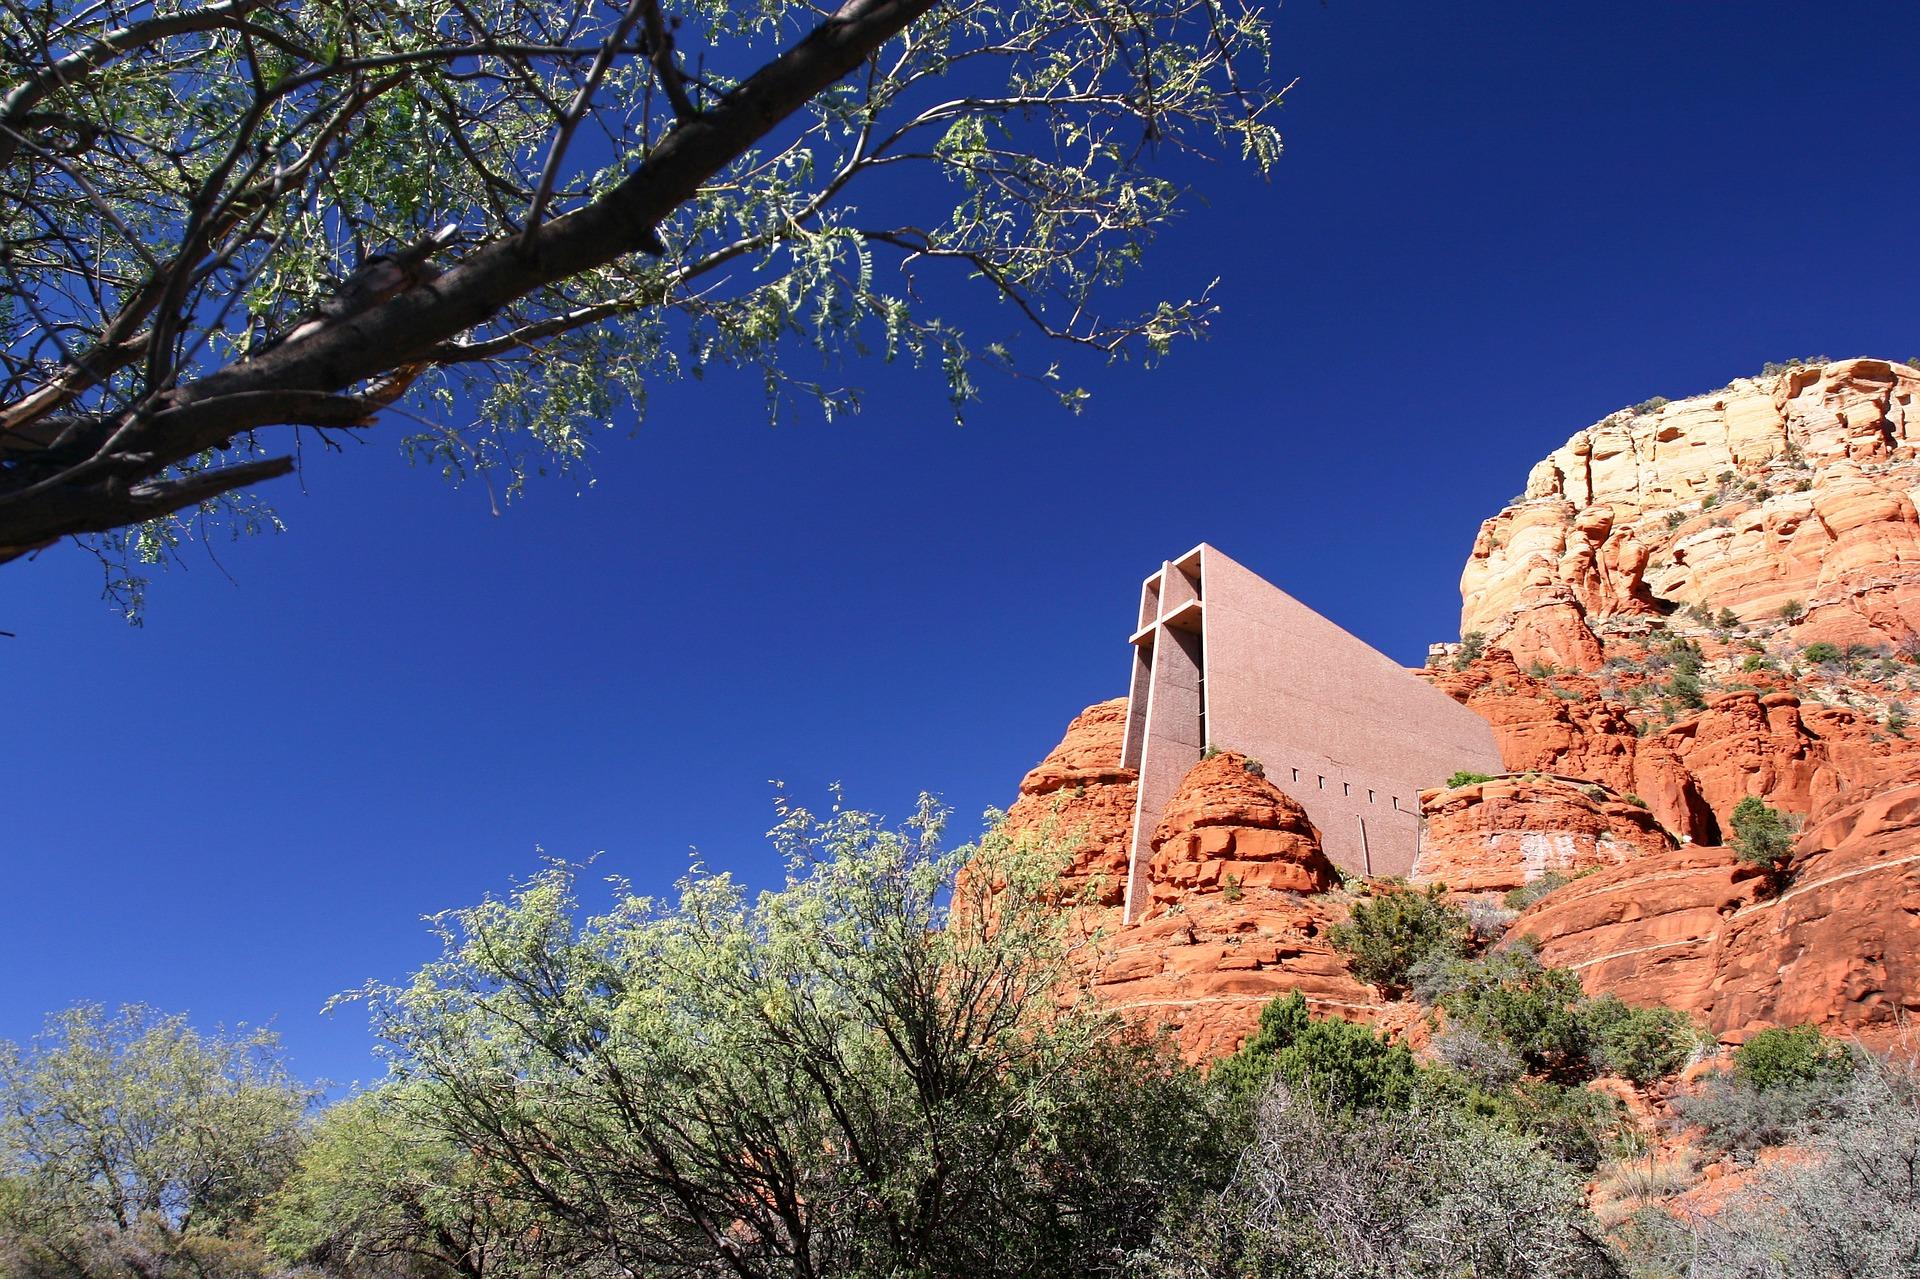 Chapel of the Holy Cross in Sedona, Arizona, USA